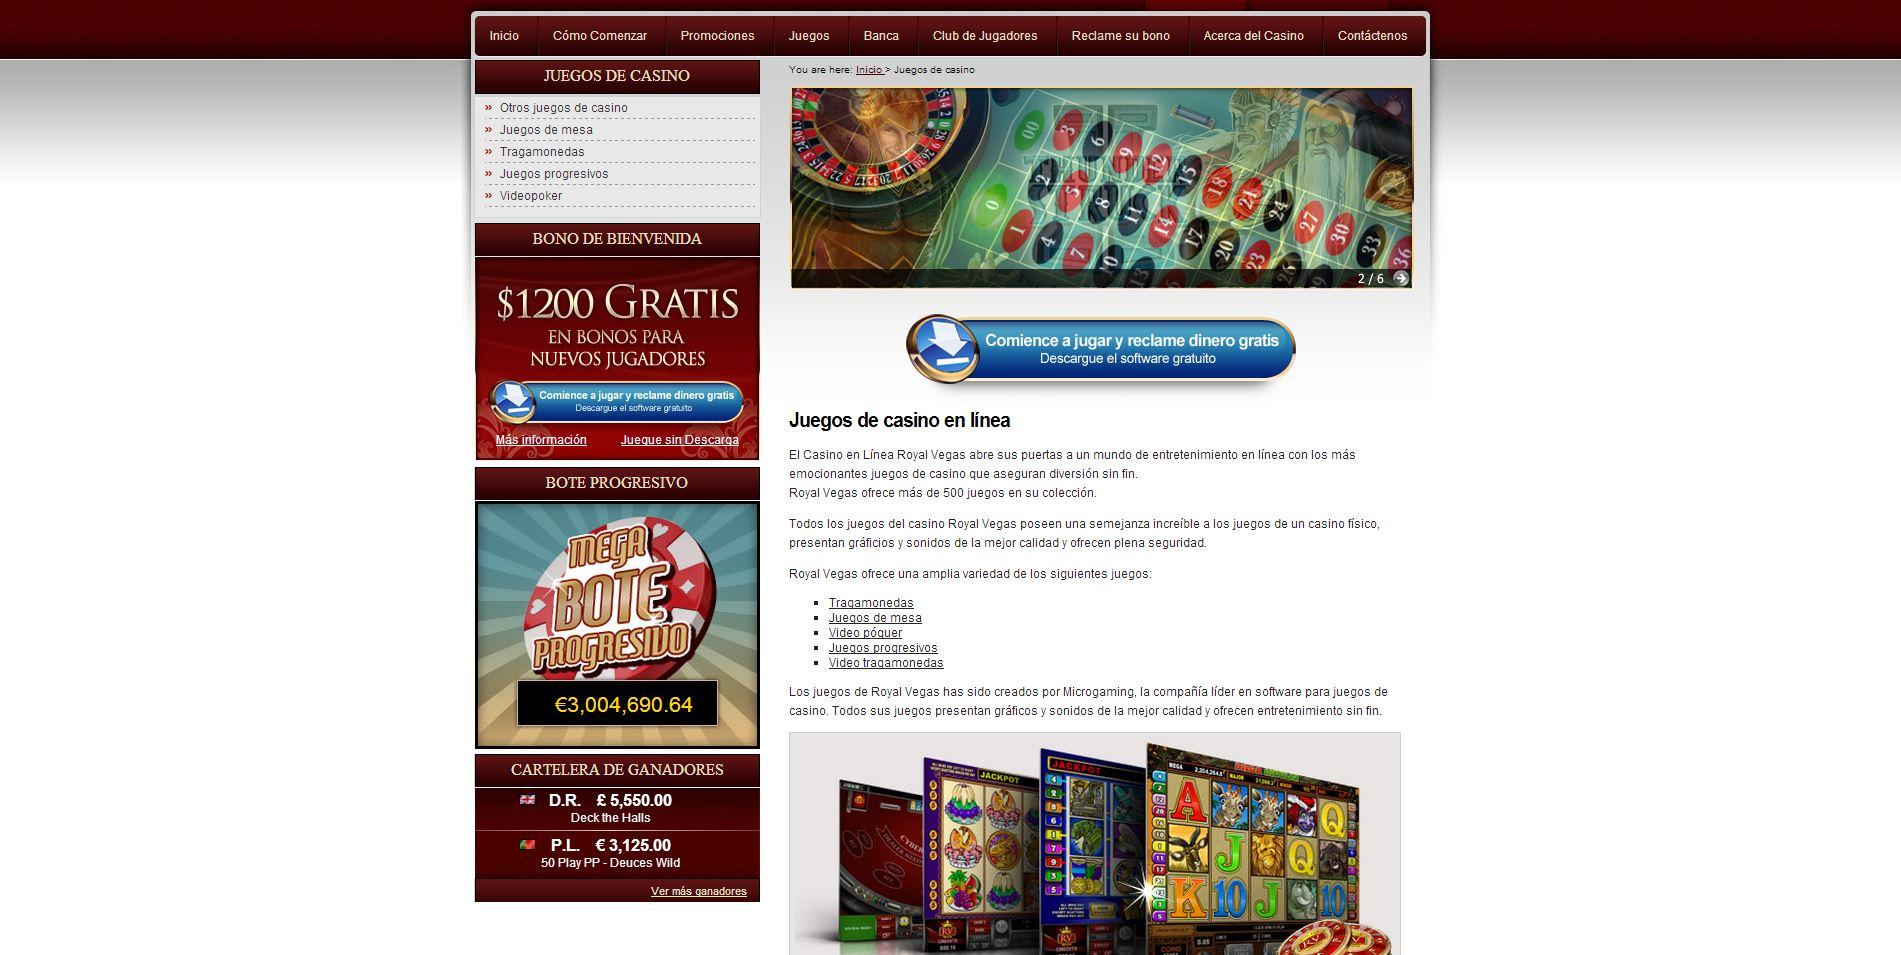 Premios en los casino de las vegas con tiradas gratis en Ecuador-234693